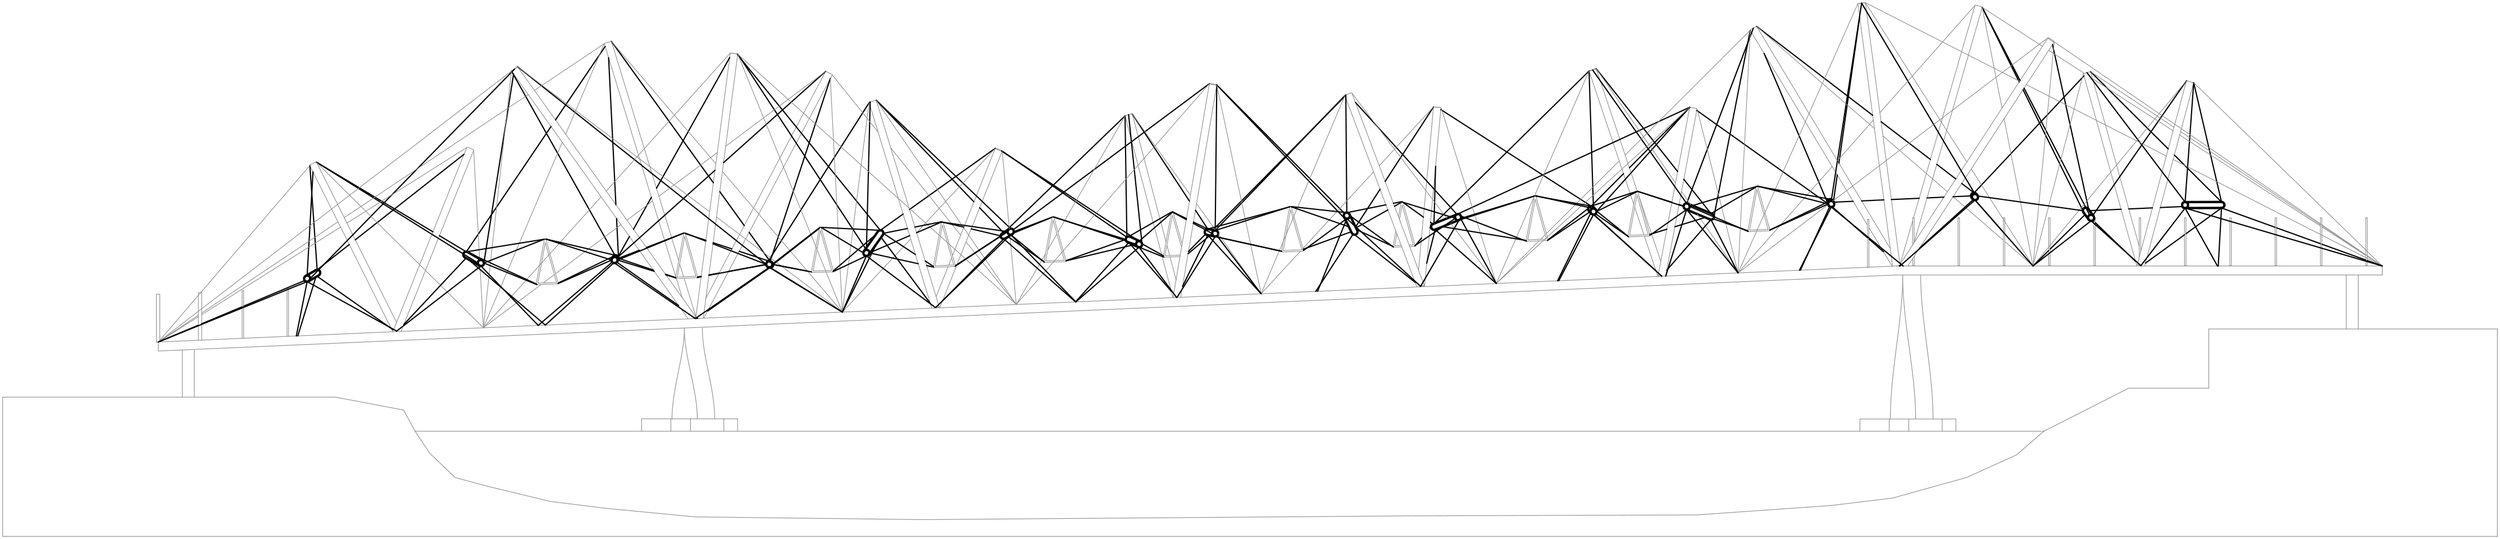 spars elevation.jpg